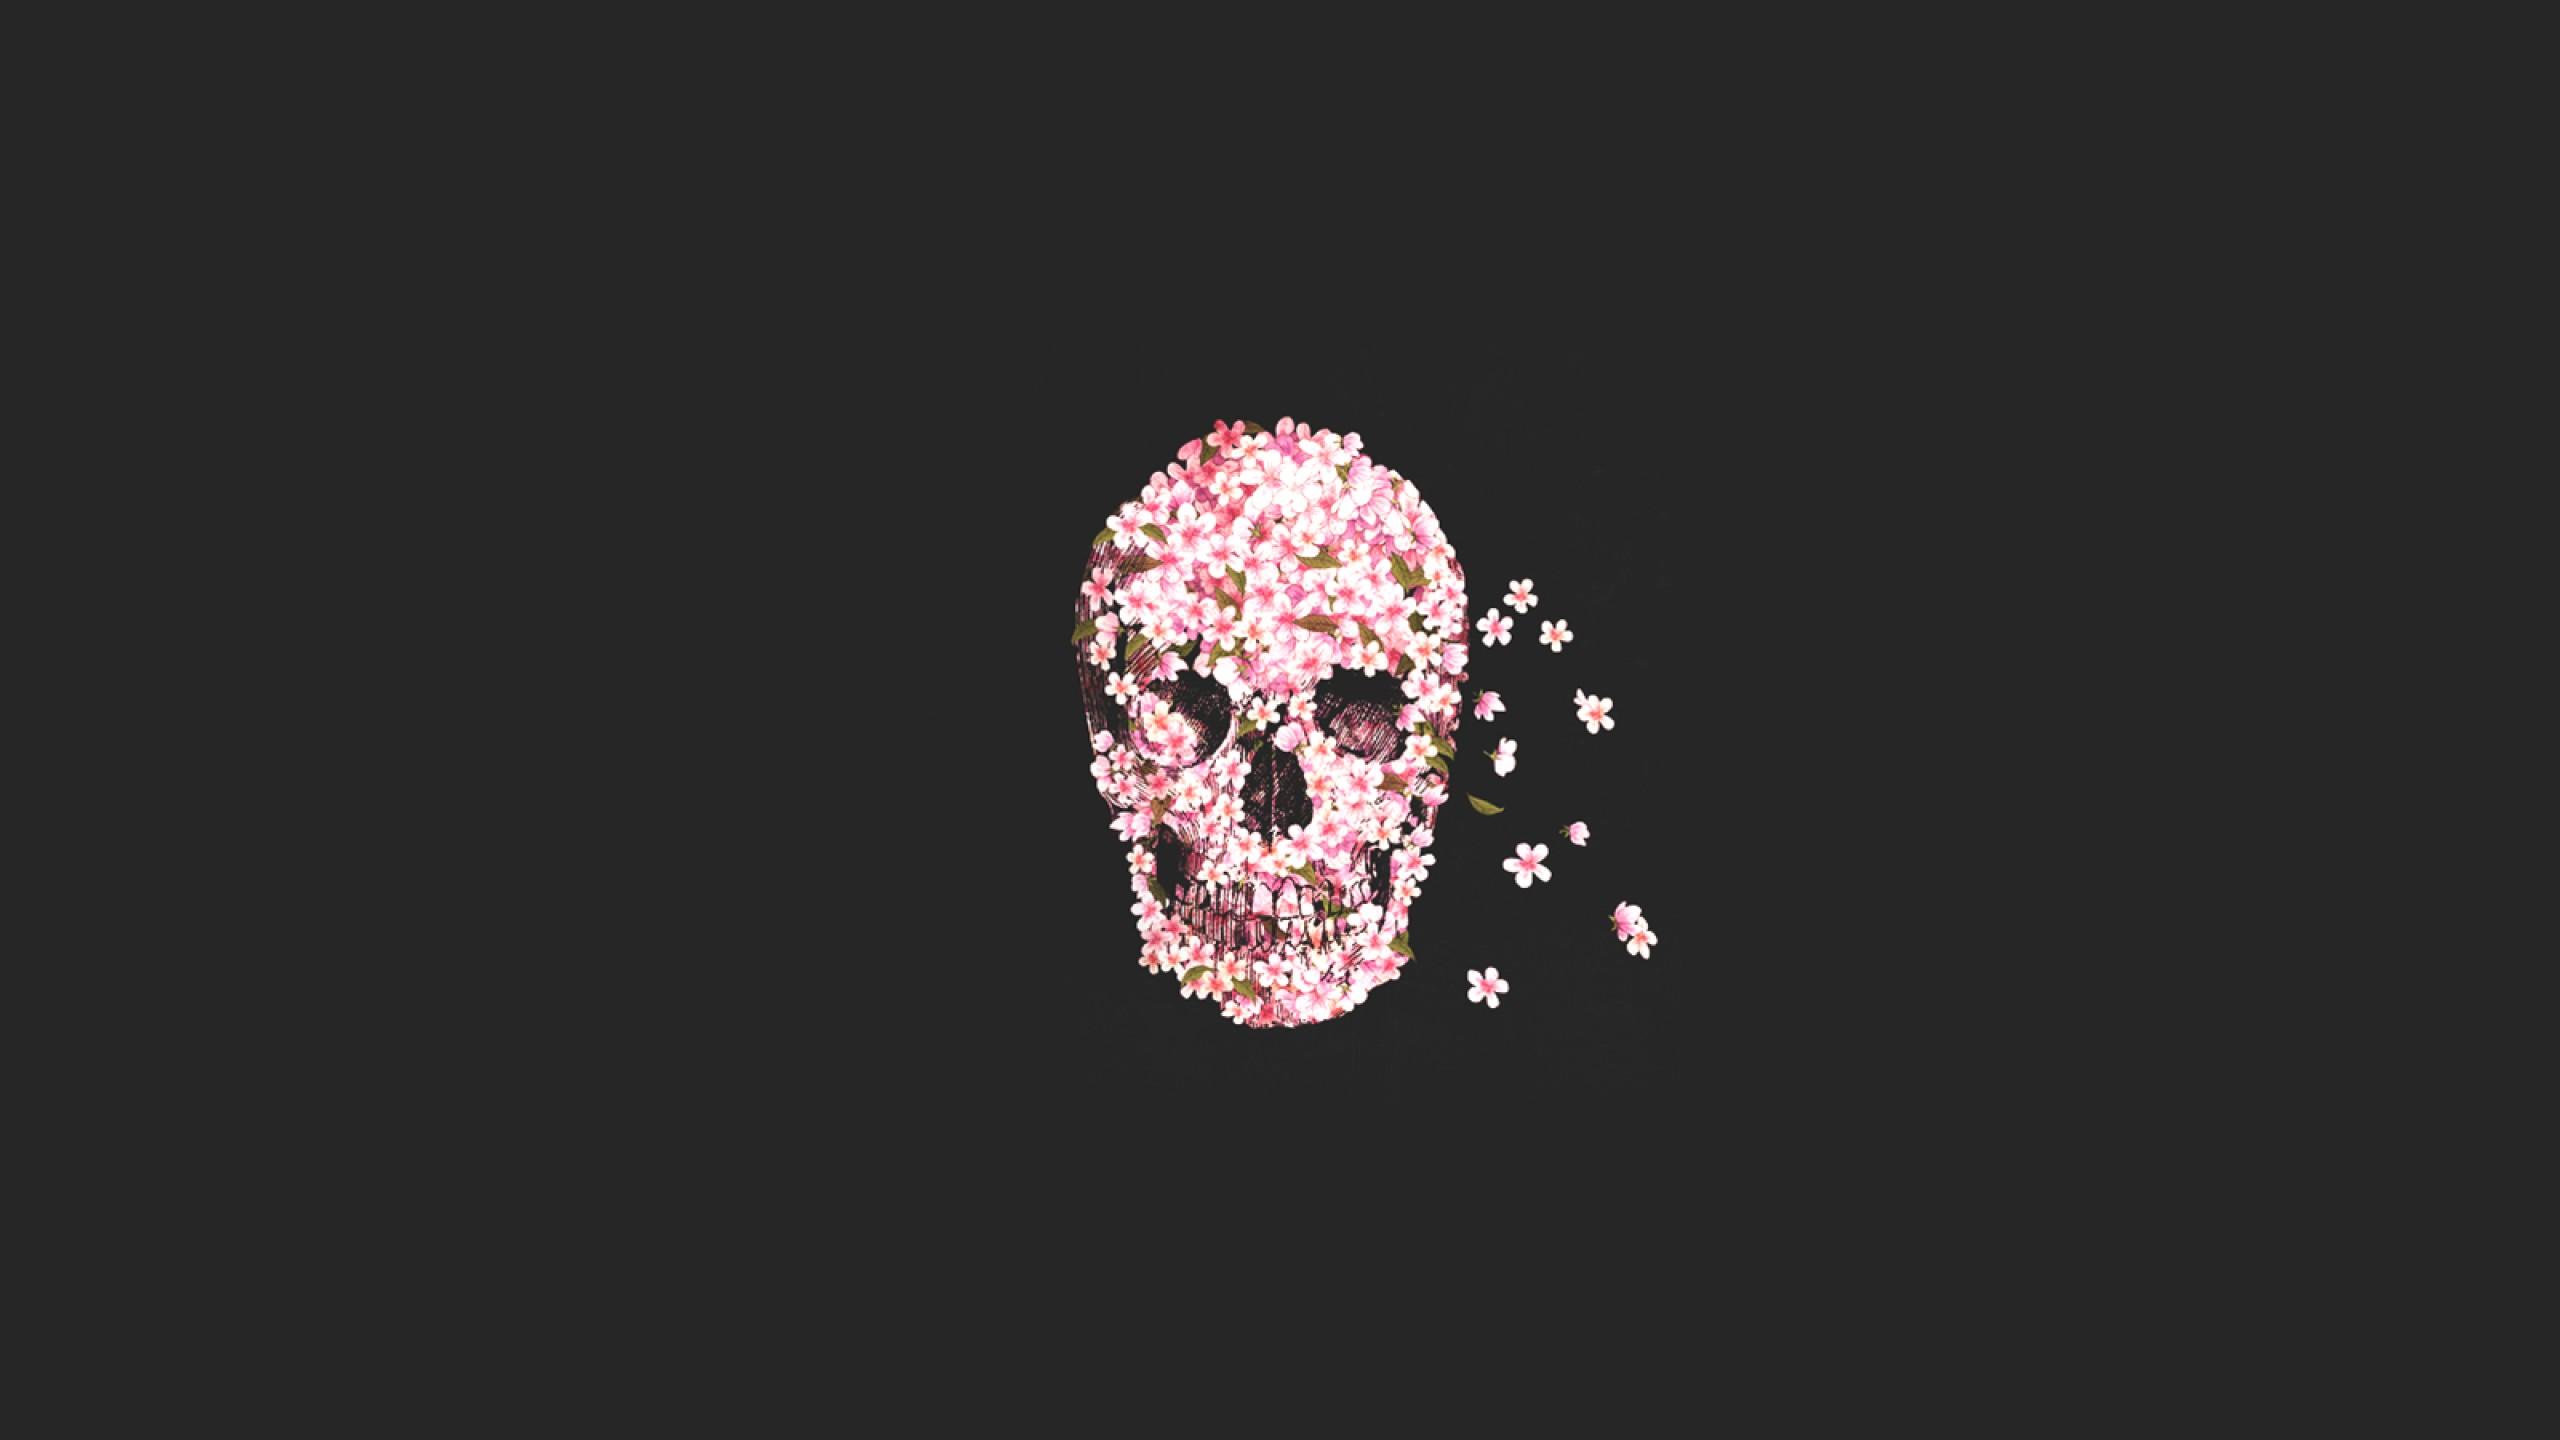 Wallpaper 2560x1440 Px Rose Skull Sugar Skull 2560x1440